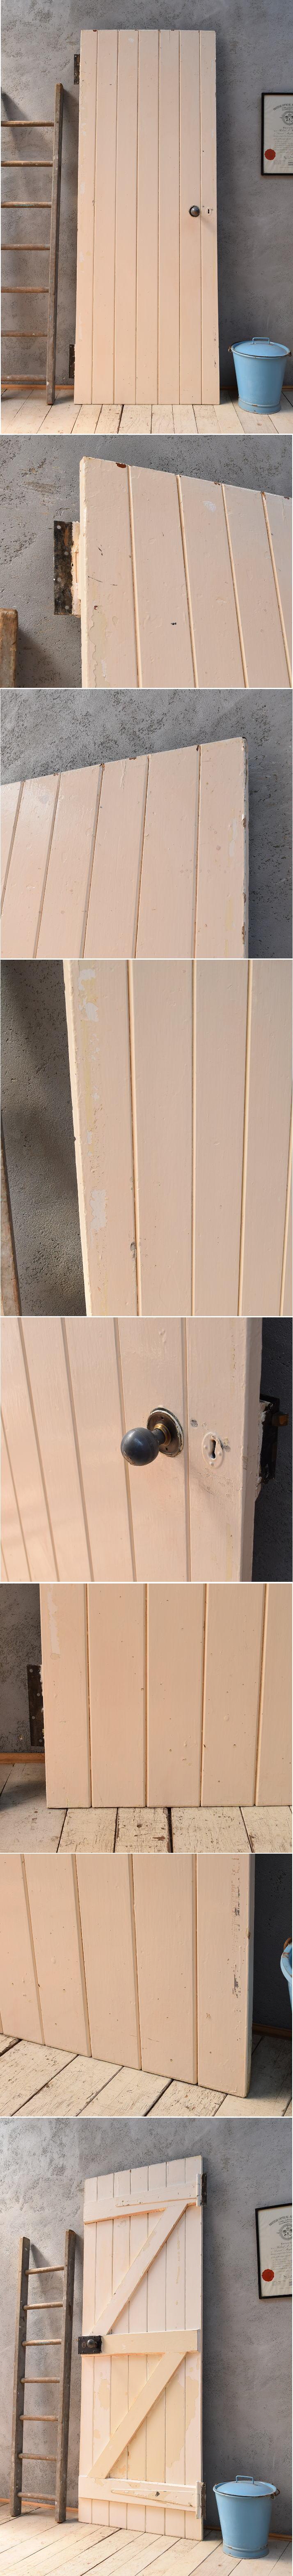 イギリス アンティーク 木製ドア 扉 ディスプレイ 建具 6845